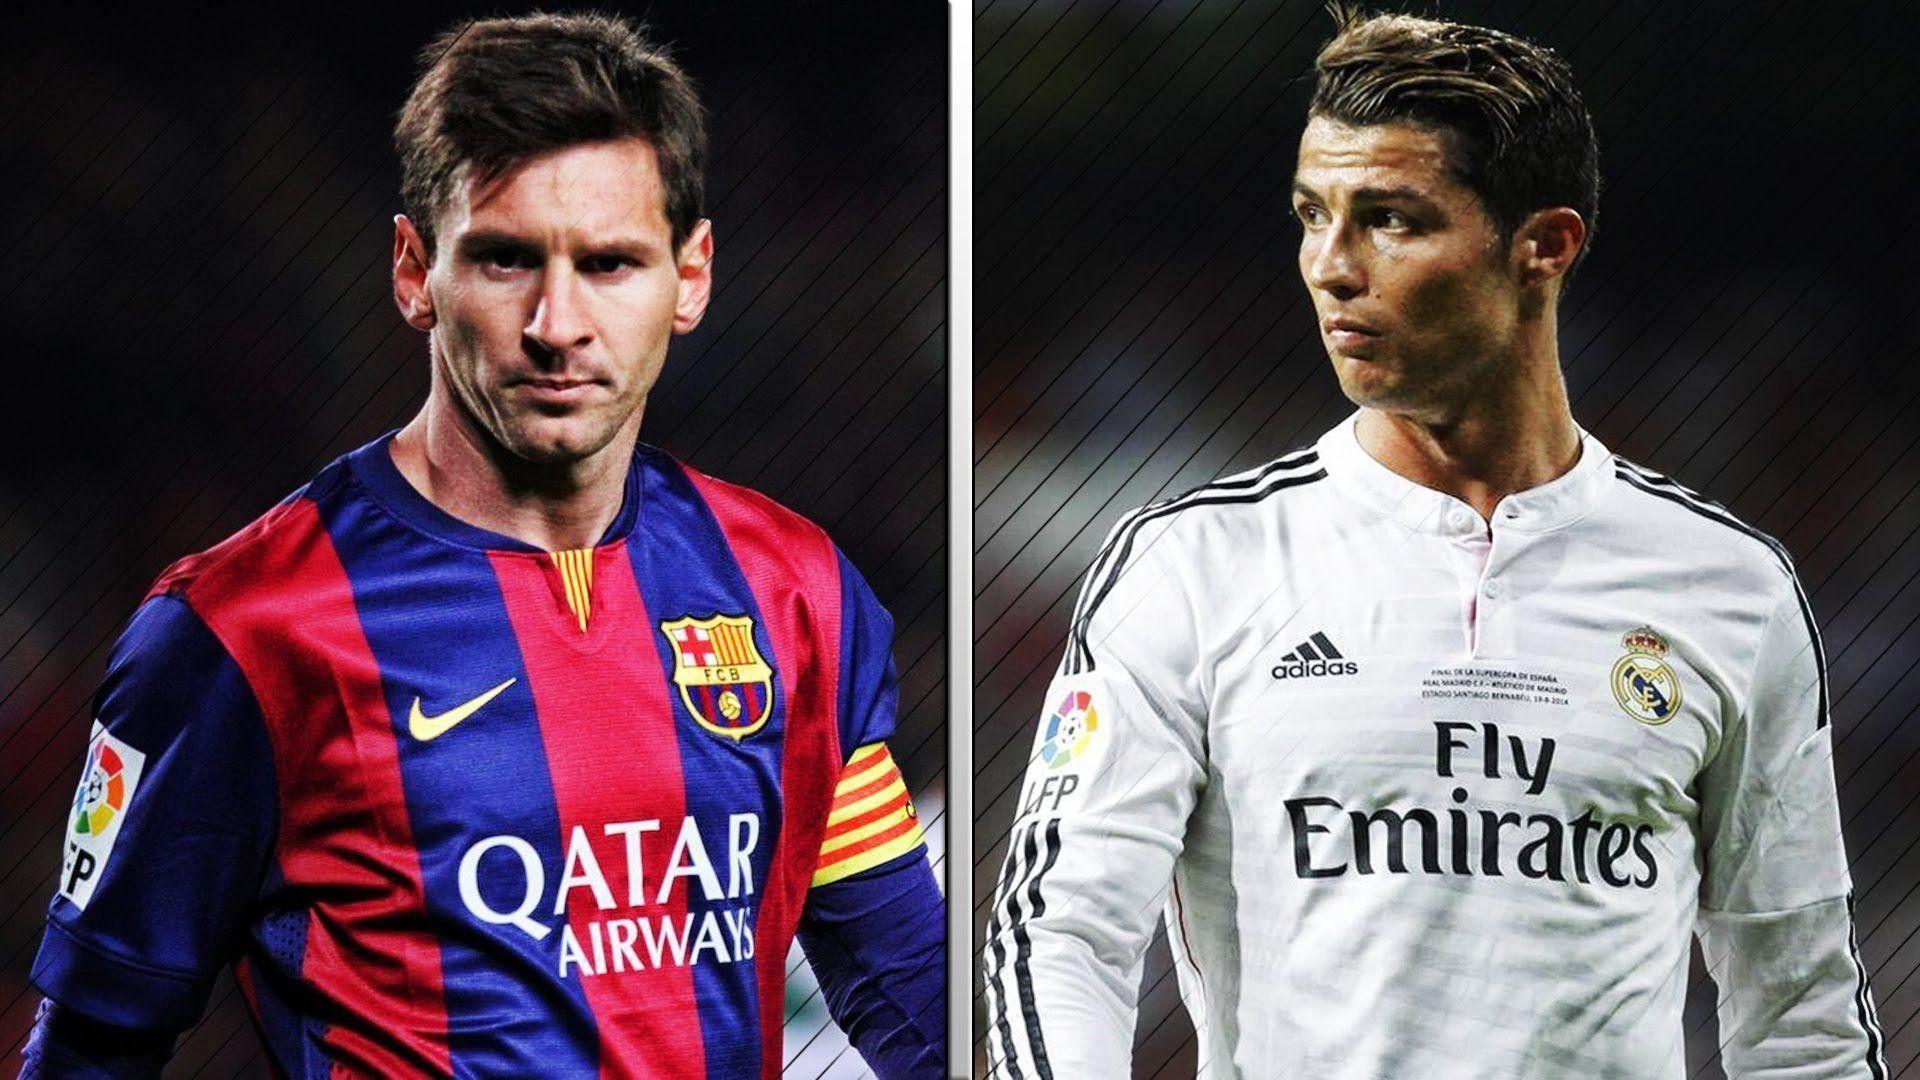 1920x1080 Messi Vs Ronaldo Wallpapers 2016 Hd Wallpaper Cave